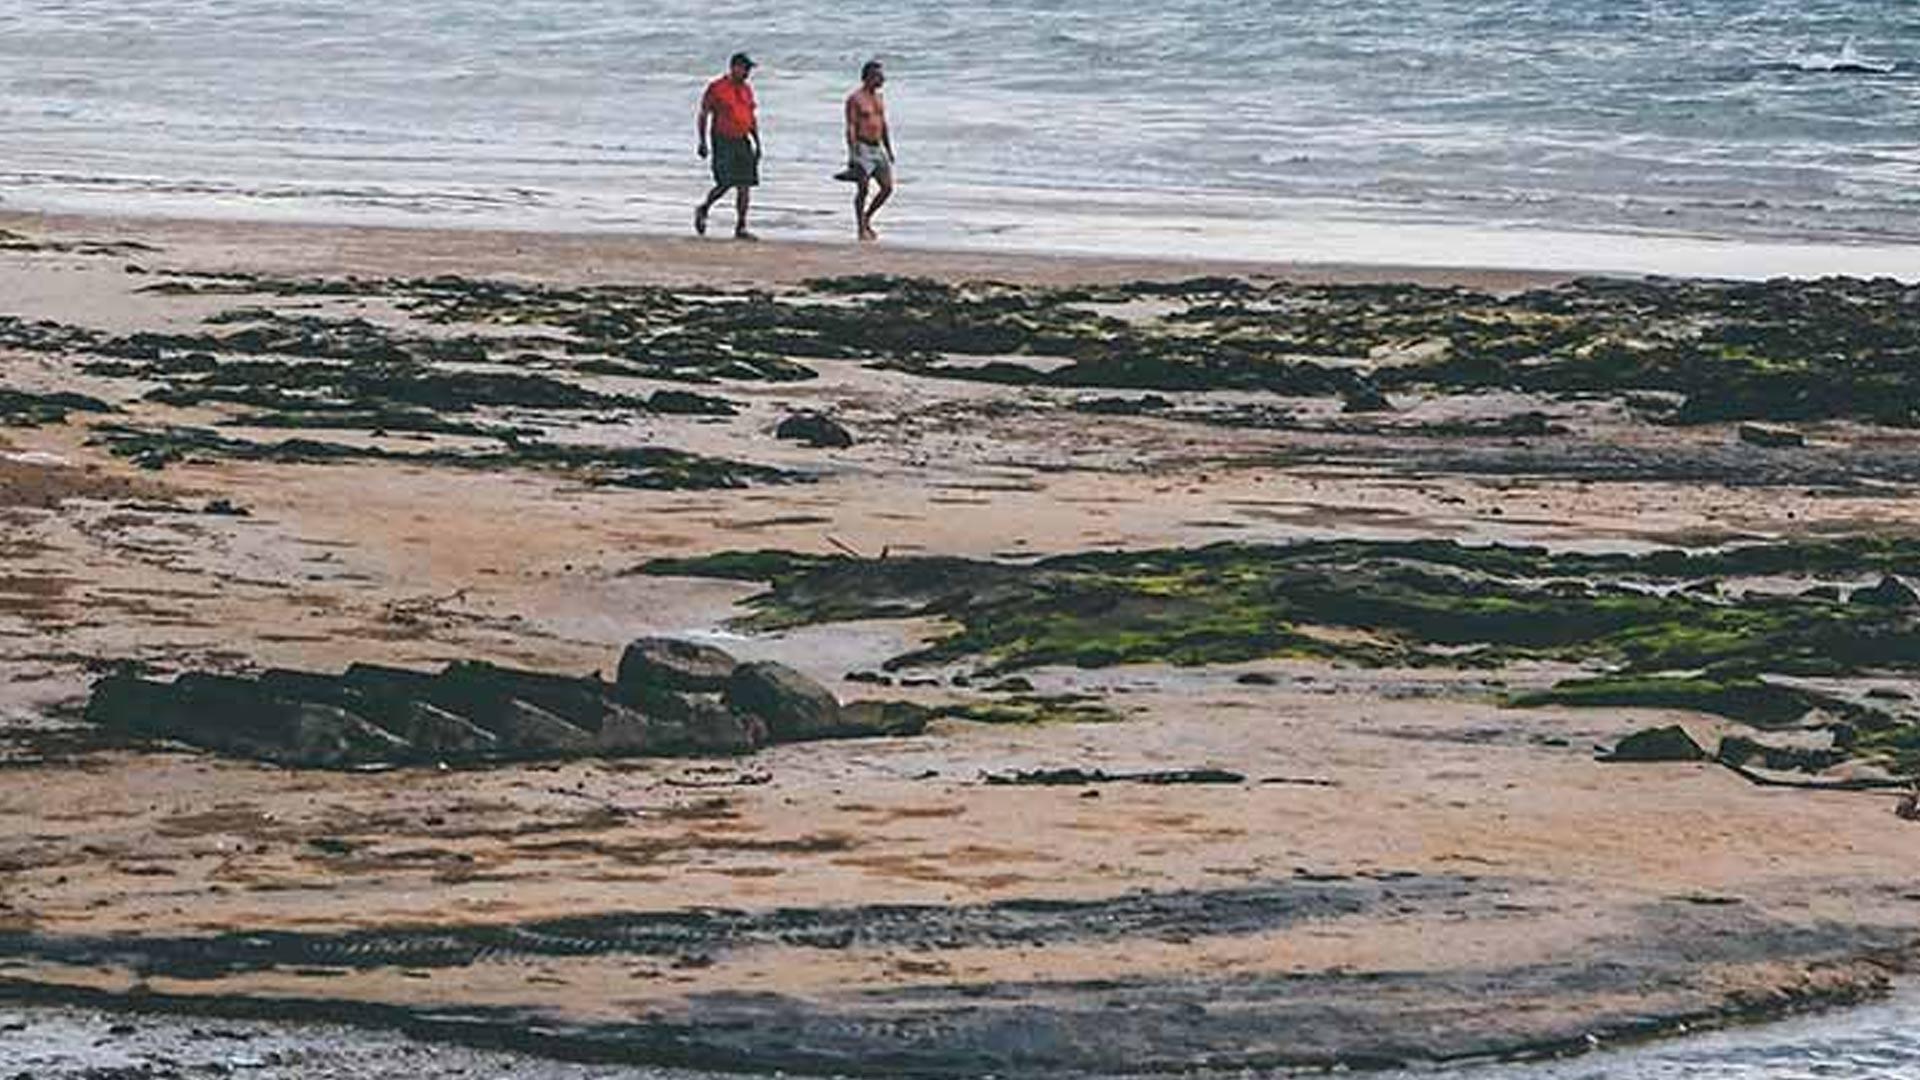 ใครผ่านมาแถวหาดนางทองแล้วเจอทรายสีดำก็อย่าได้แปลกใจ มันไม่ได้สกปรกแต่อย่างใด กลับกัน ยิ่งถ้ามาในช่วงปลายปีและวันไหนแดดดี แสงแดดก็จะสะท้อนหาดทรายสีดำนี้จนเกิดประกายคล้ายเพชรระยิบระยับสวยงามน่าประทับใจมากทีเดียวเชียว